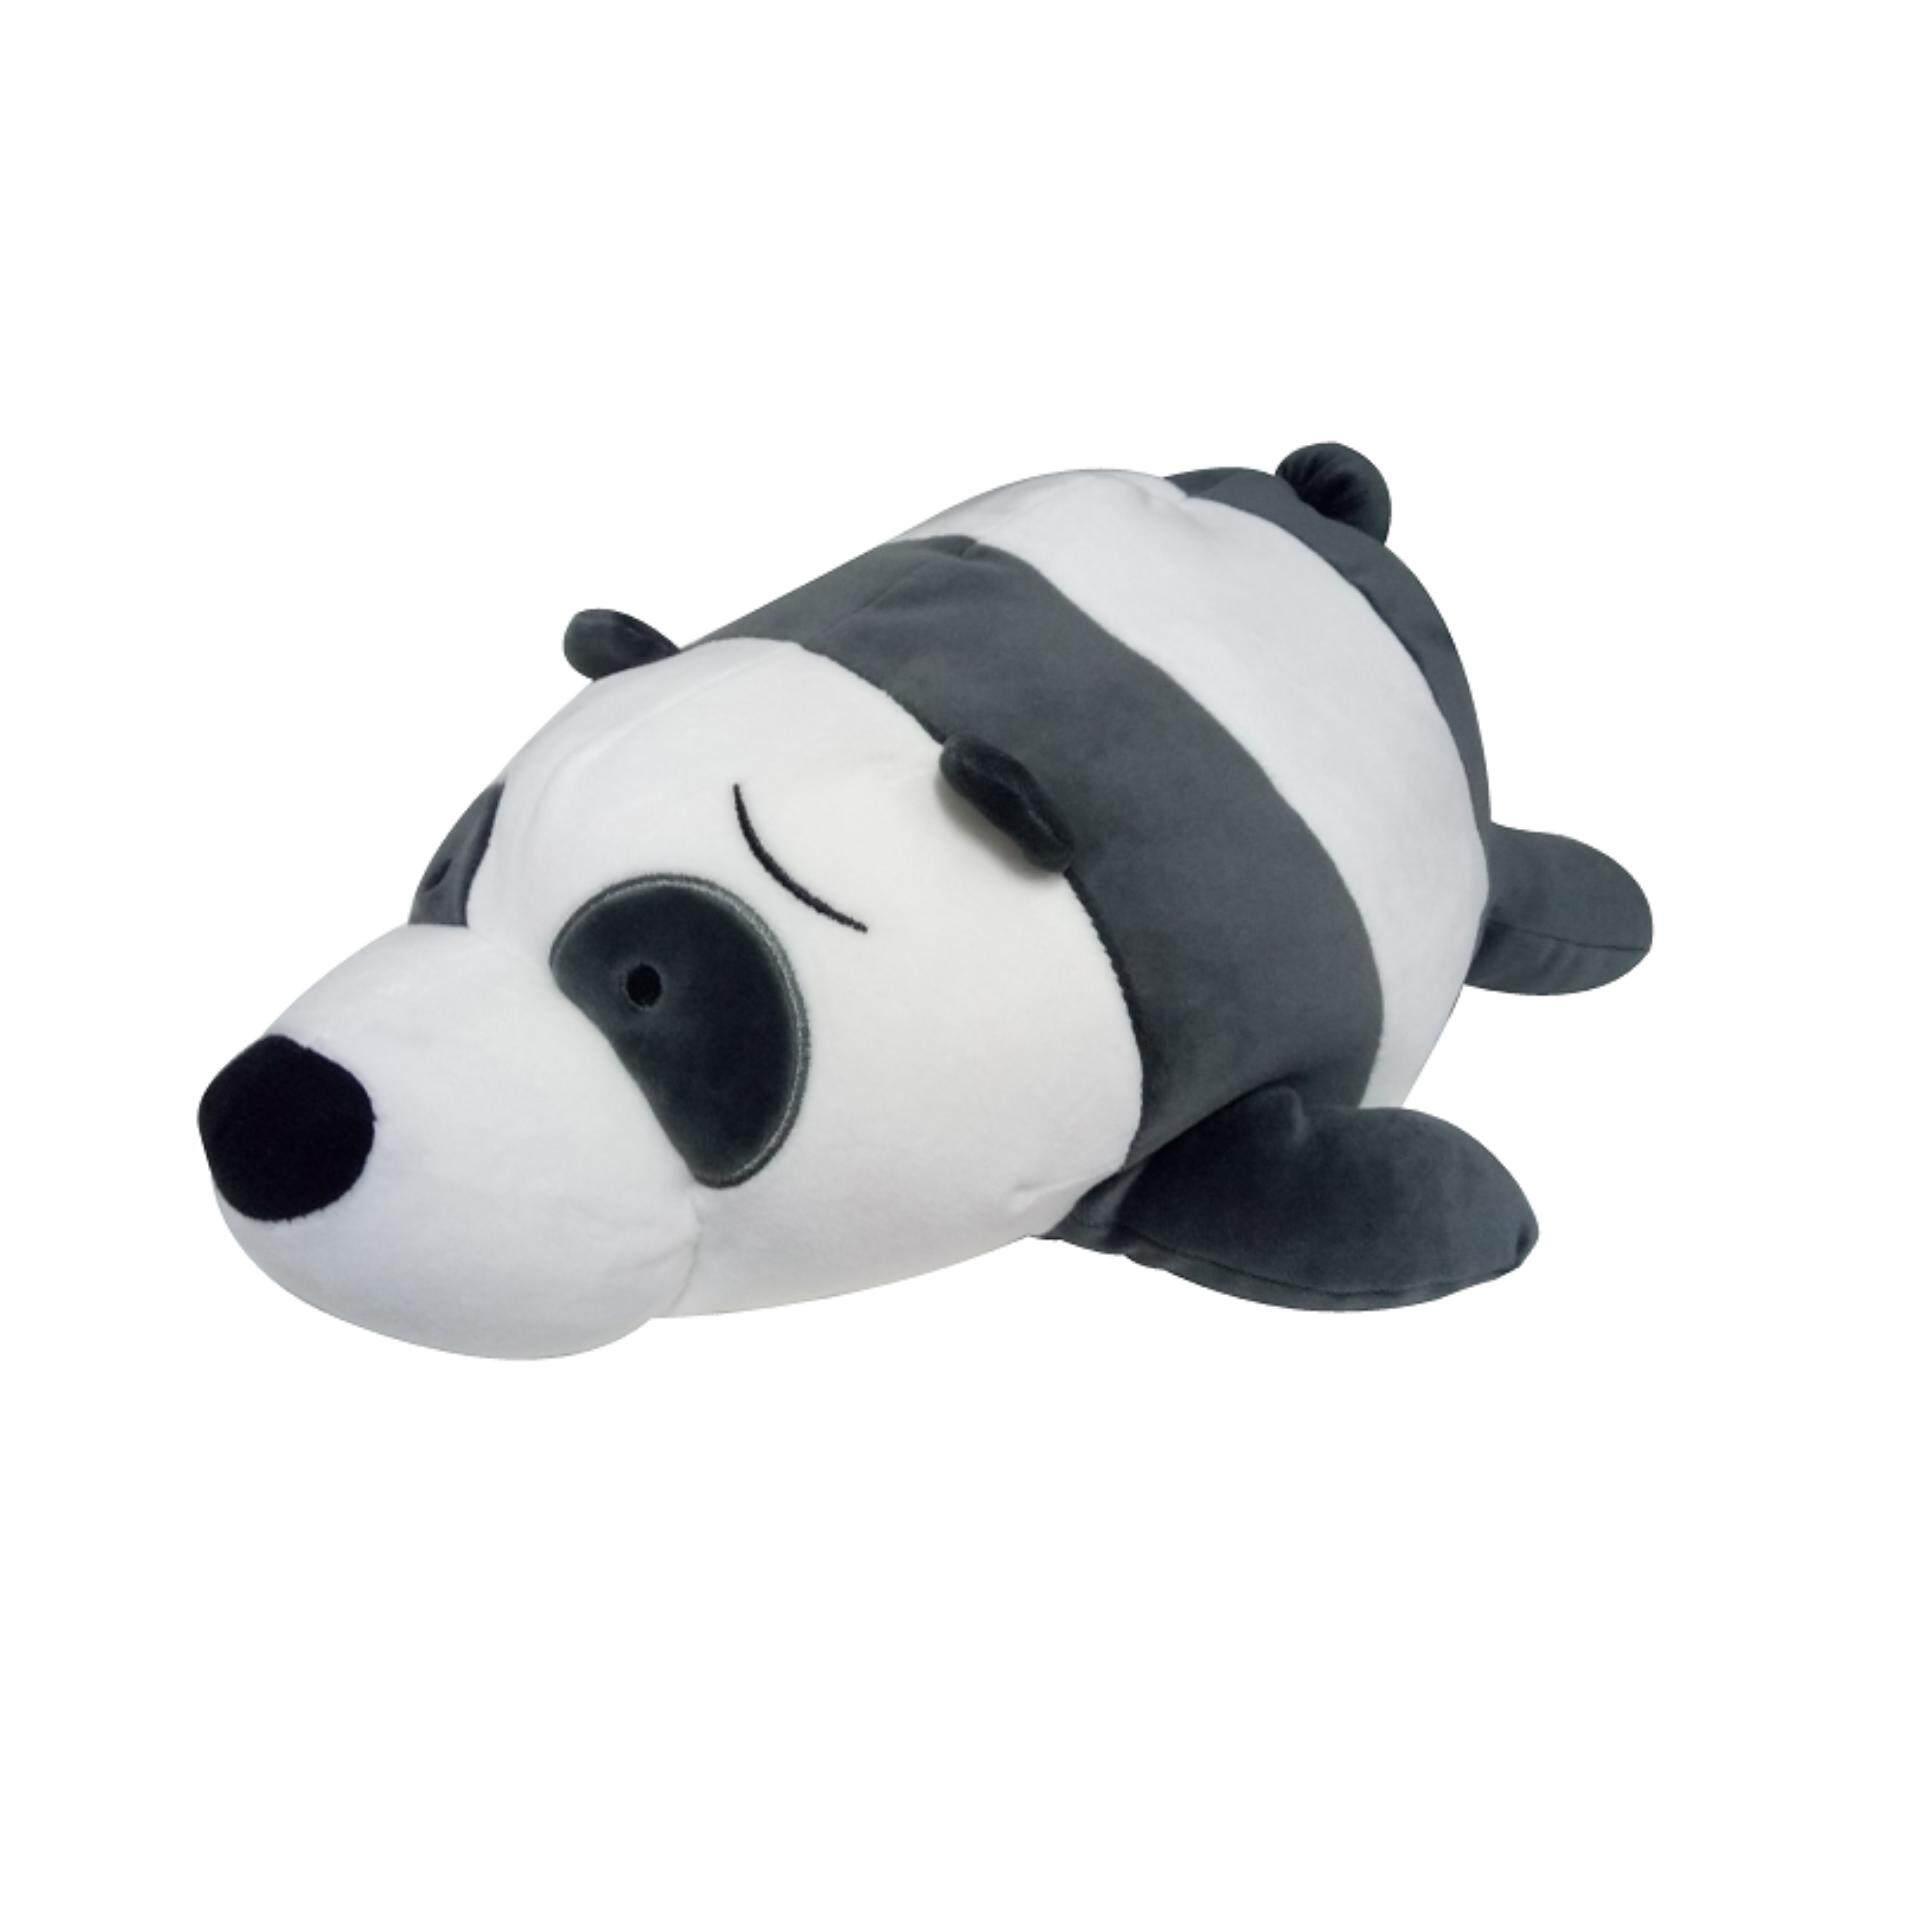 We Bare Bears Lie Down Cushion 14 Inches - Panda